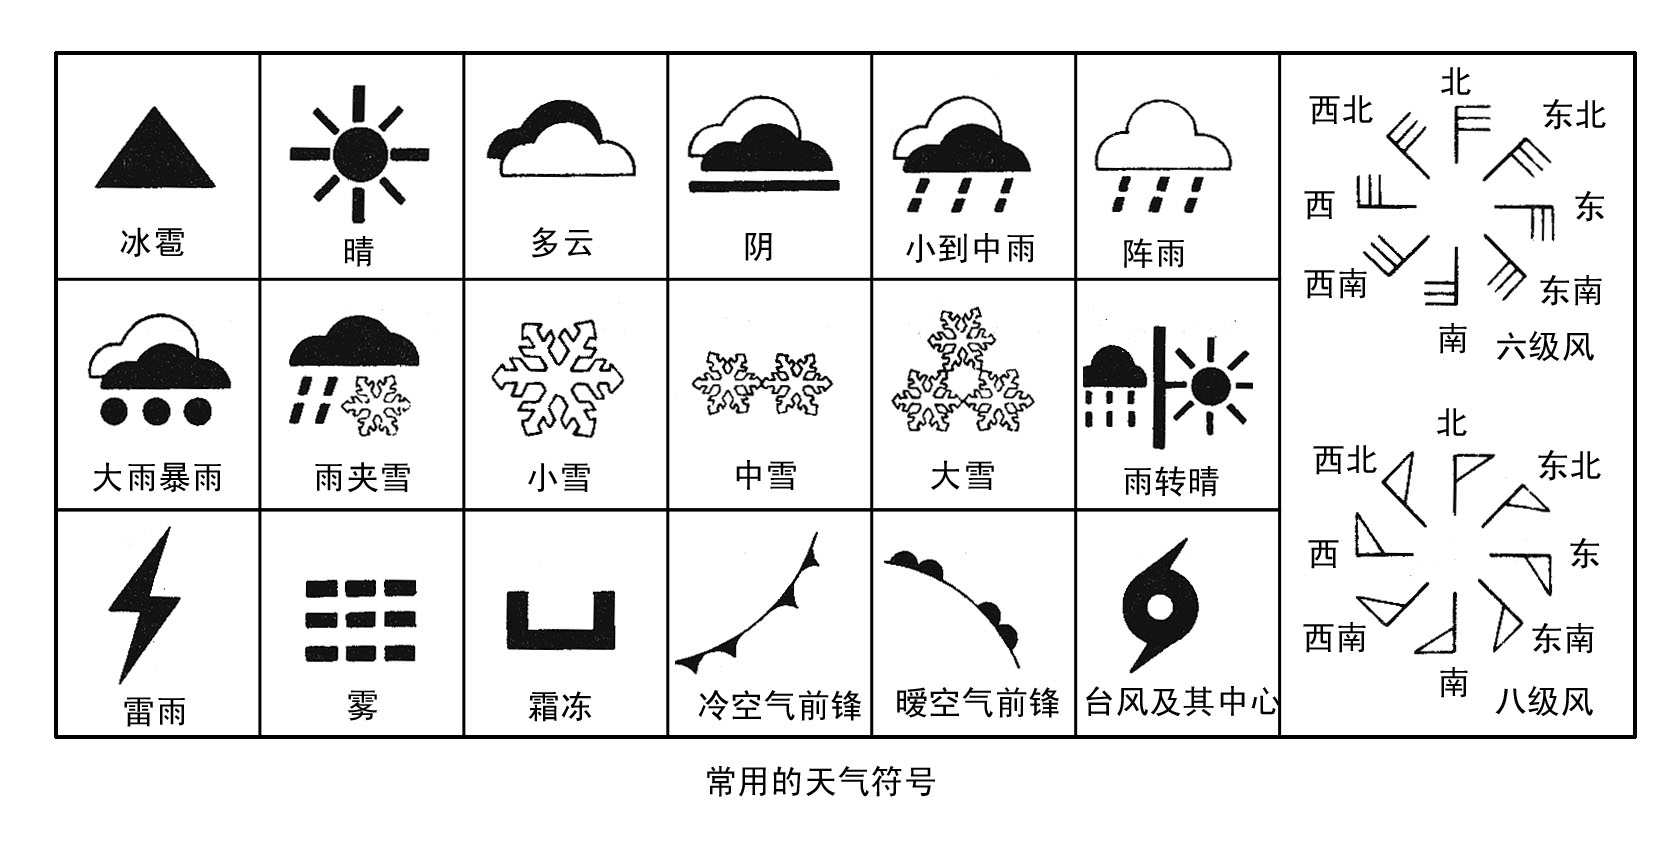 所有天气符号标志的图片_像爪子一样是什么天气符号_百度知道